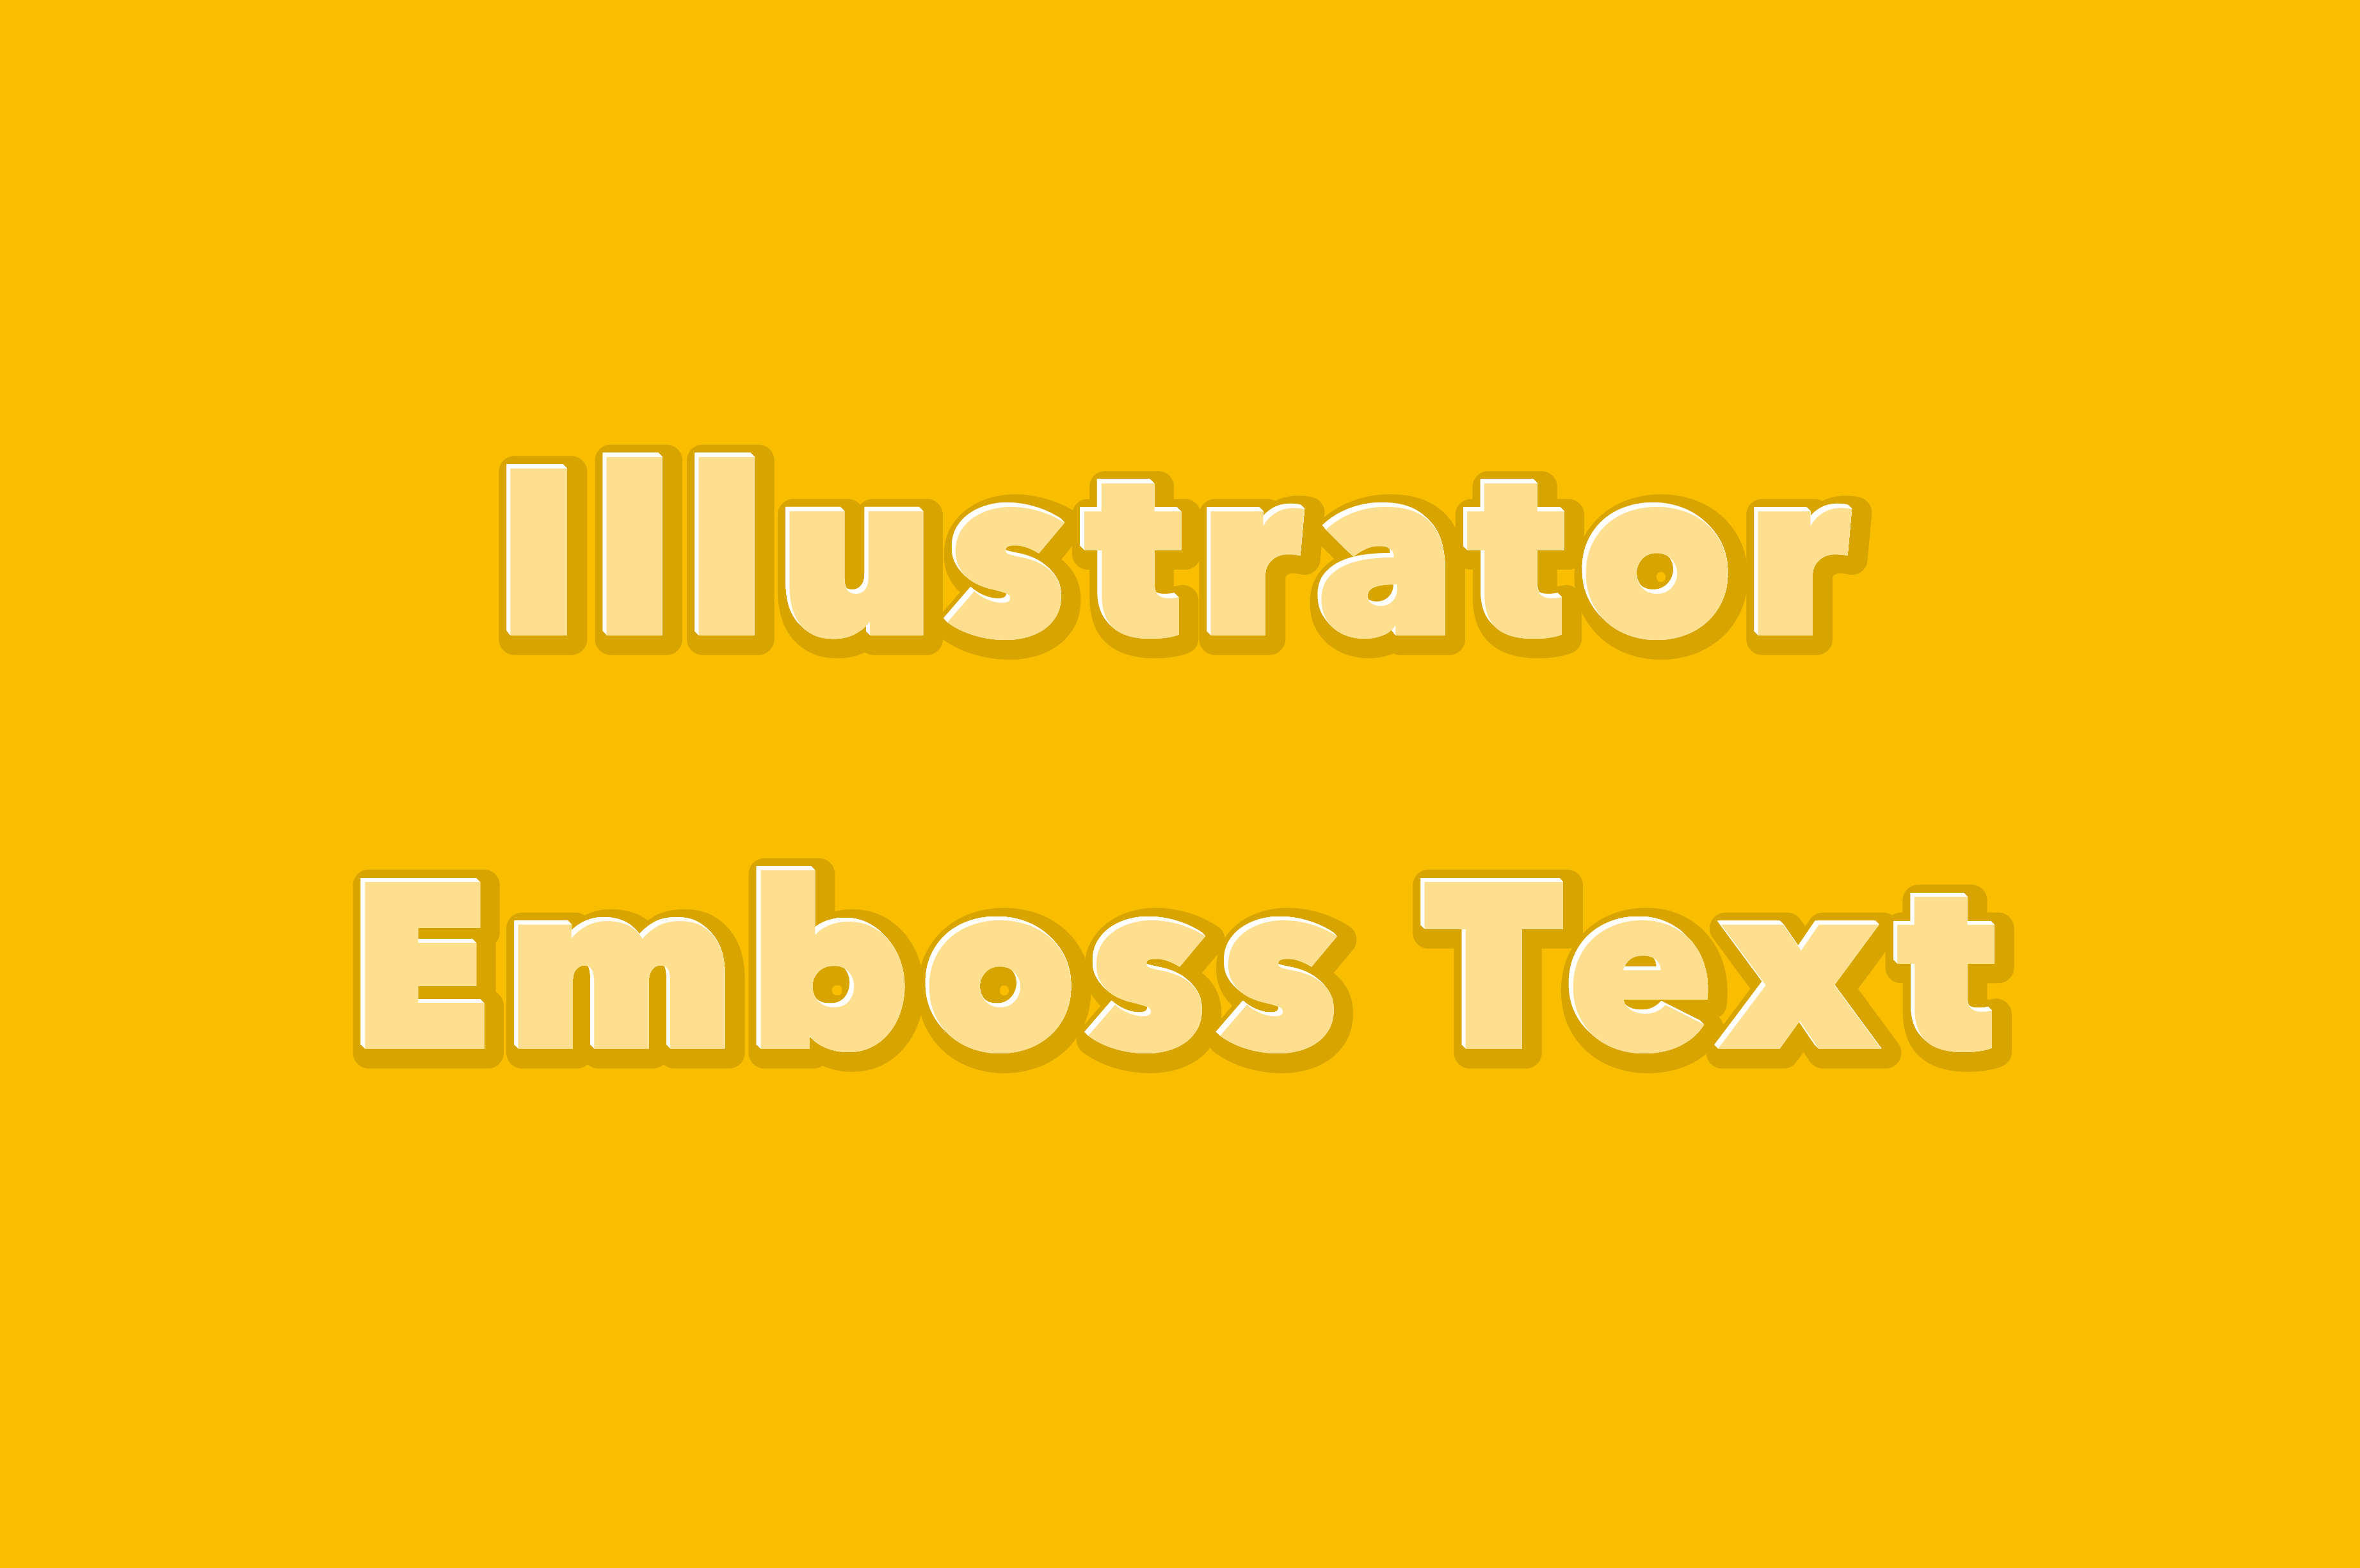 [無料DL素材]Illustrator、テキストにエンボス加工をかけるアピアランス